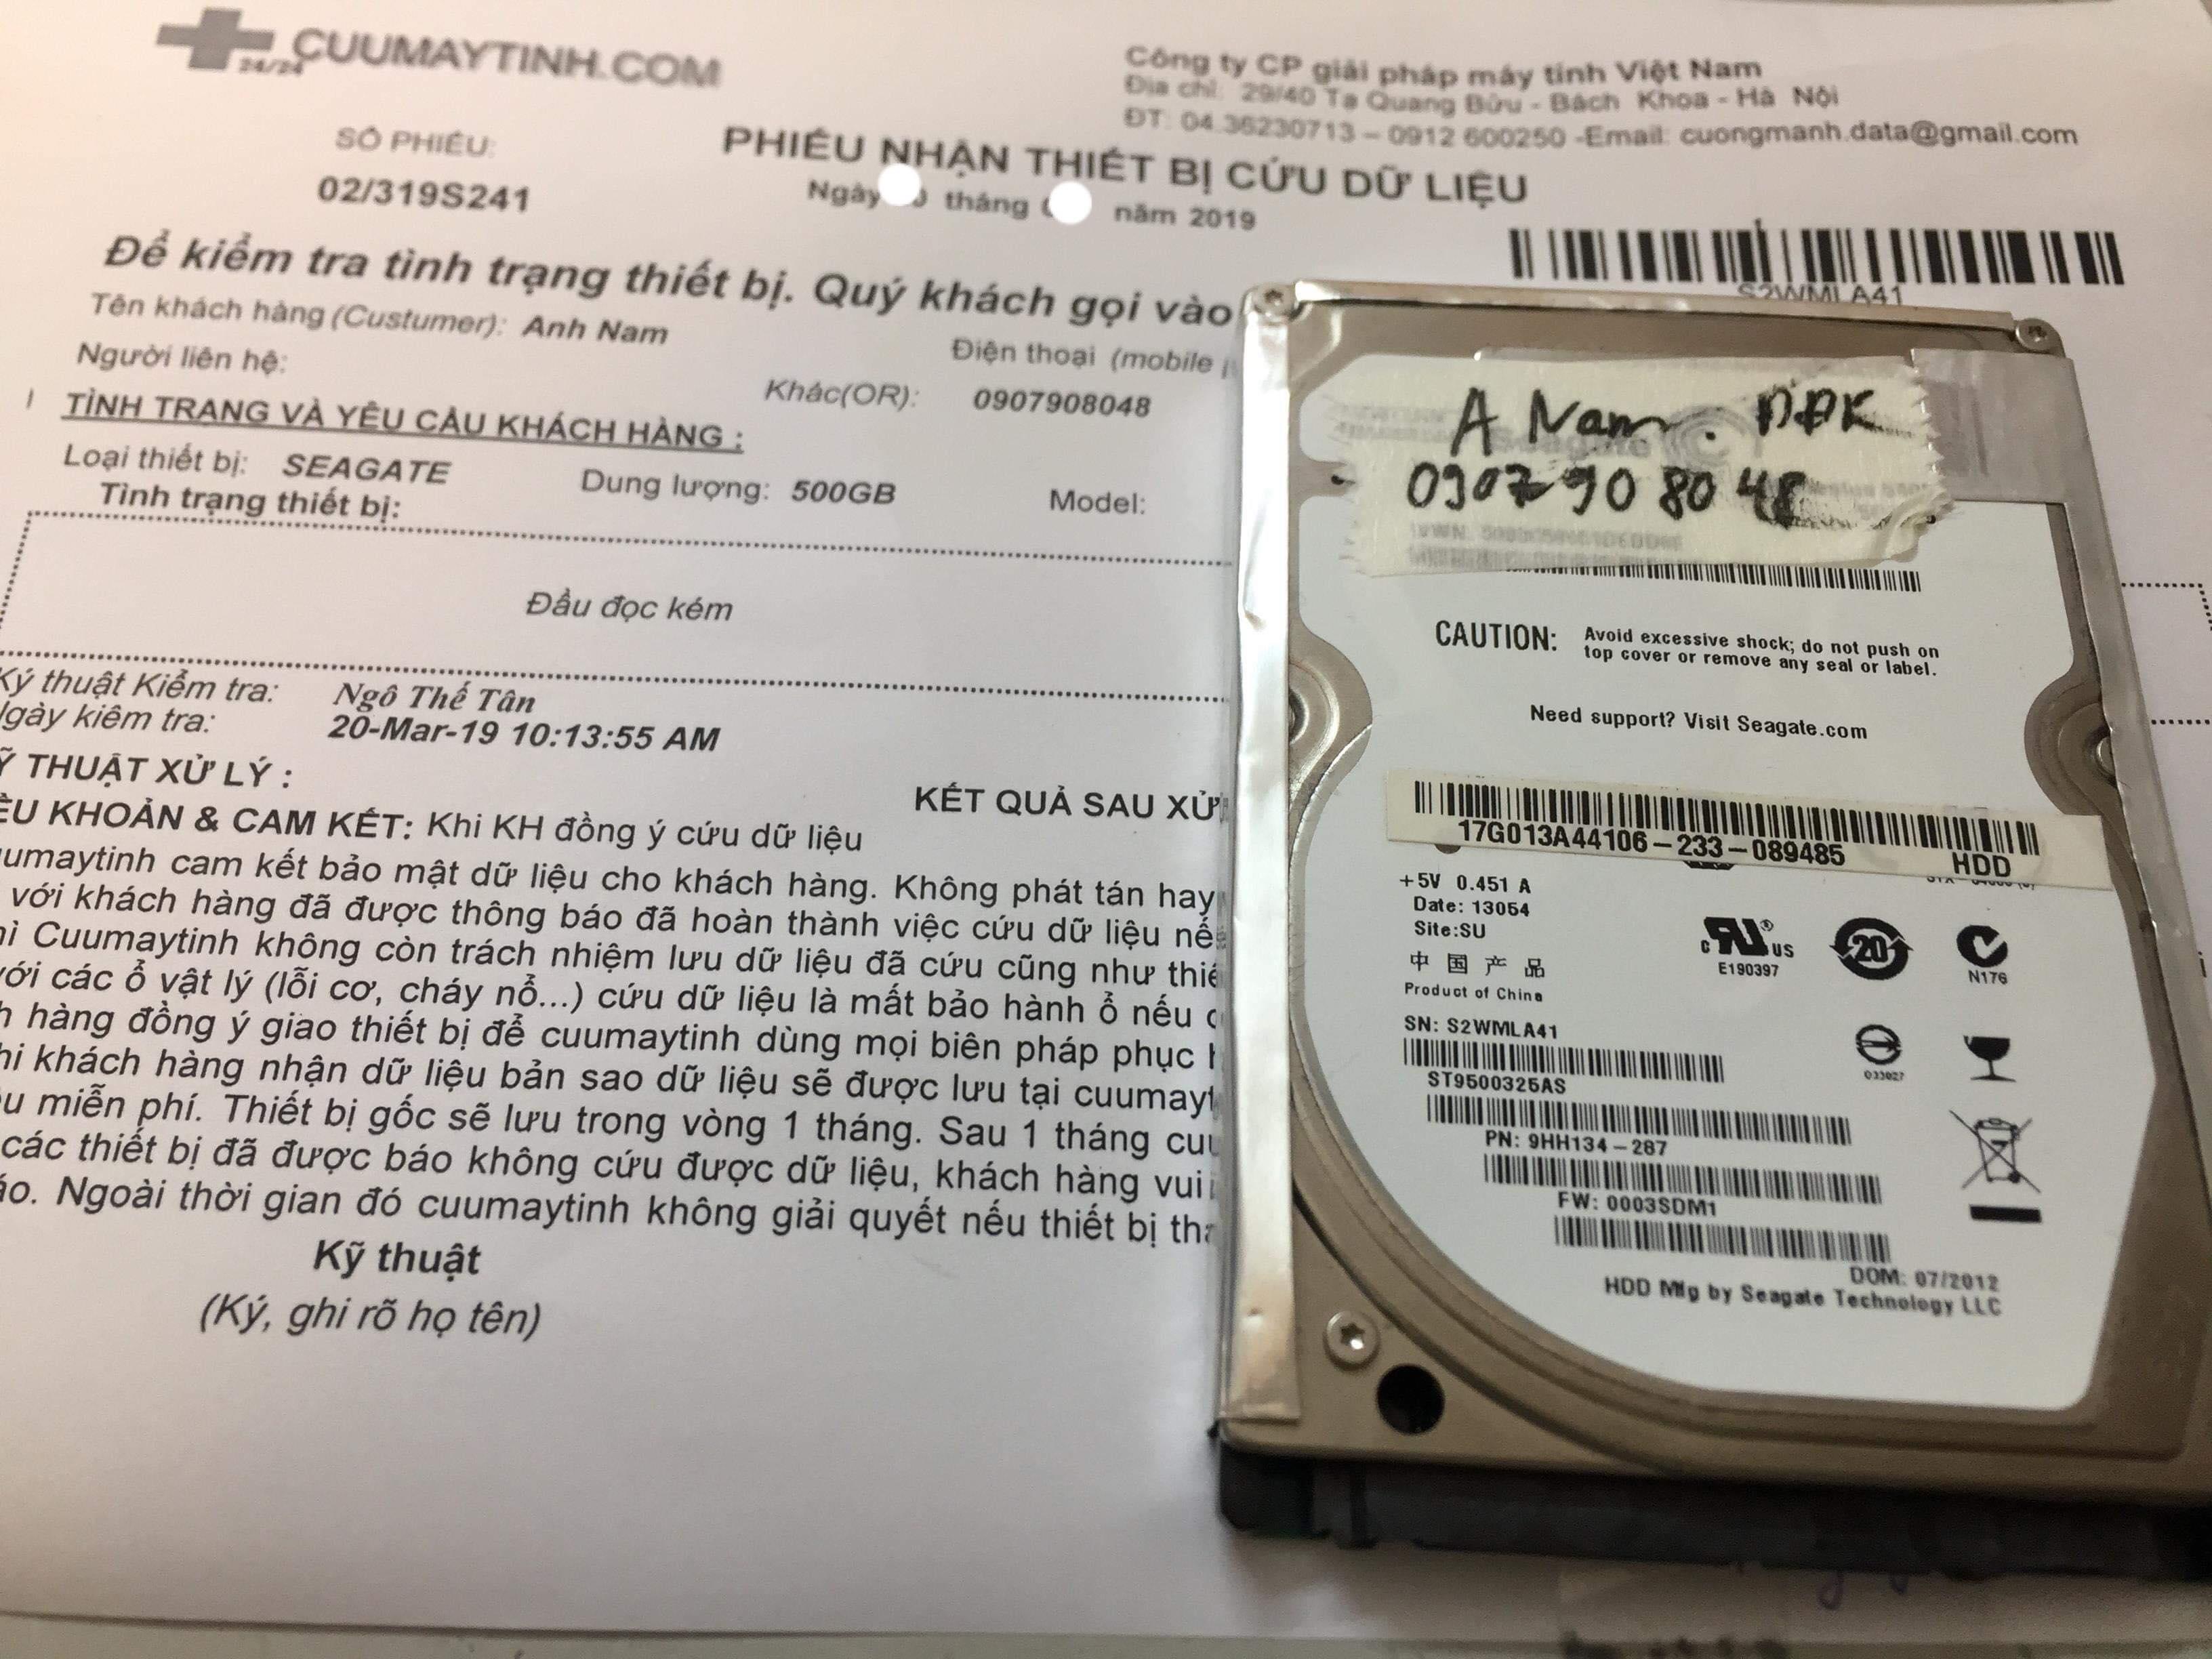 Cứu dữ liệu ổ cứng Seagate 500GB đầu đọc kém 01/04/2019 - cuumaytinh